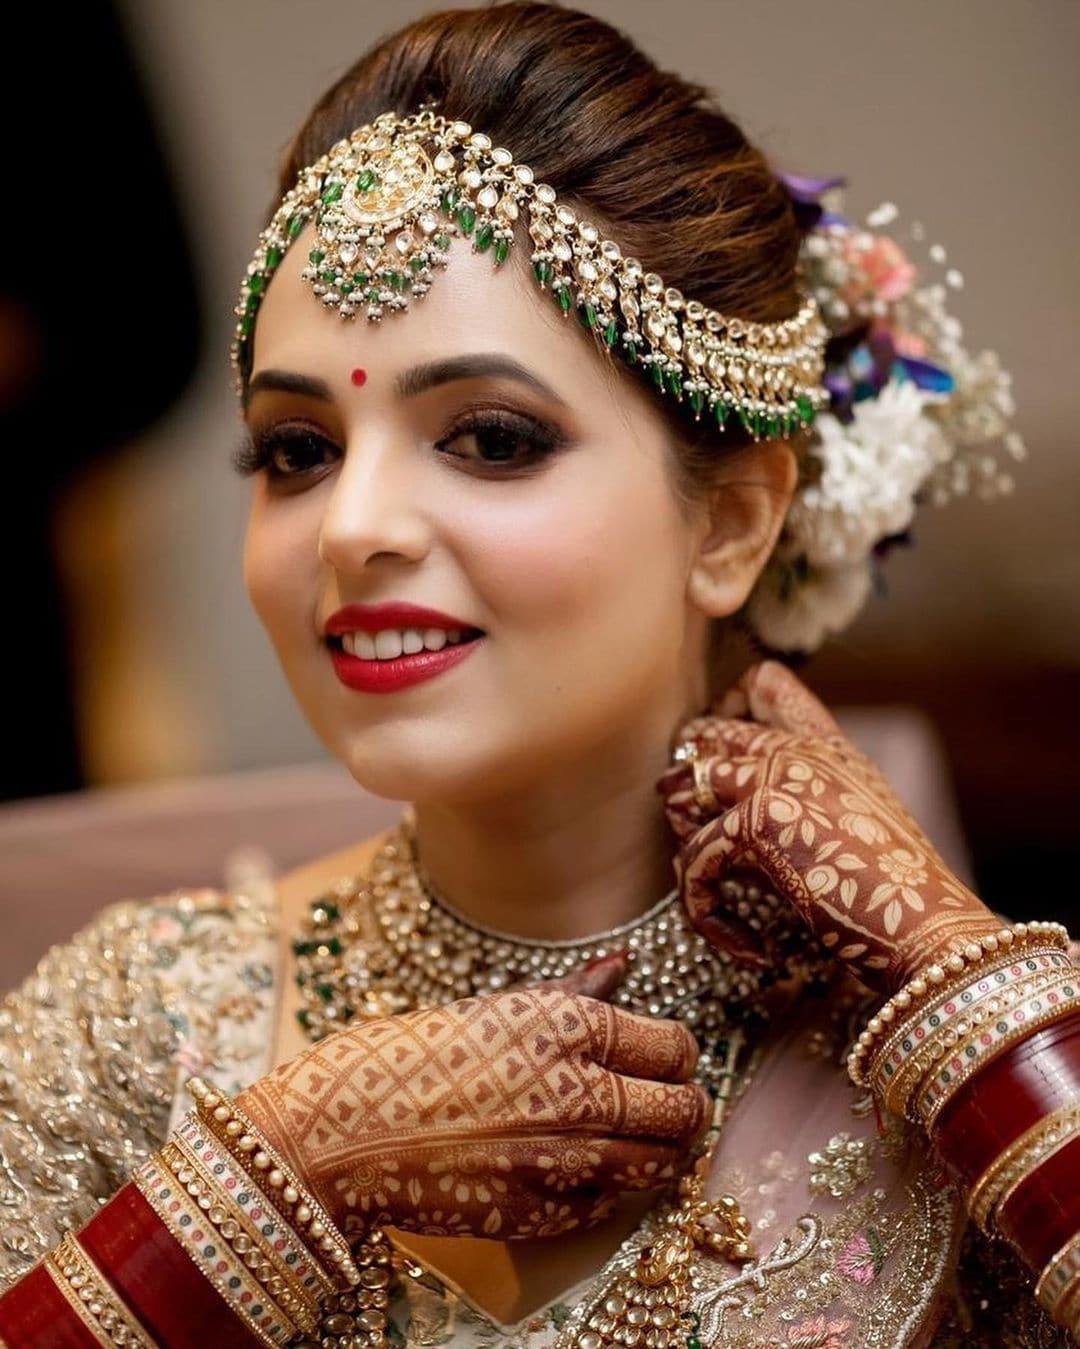 સુગંધા ટીવી પર એક સુંદર કરિઅર છે. તેણે વર્ષ 2008માં ધ ગ્રેટ ઇન્ડિયન લાફ્ટર ચેલેન્જ કર્યો હતું જેમાં તેને ઓળખ મળી. બાદમાં તે વિદ્યાવતી (ટીચર)નાં રોલમાં ધ કપિલ શર્મા શોમાં નજર આવી અને તેનાંથી તે પ્રખ્યાત થઇ ગઇ. (PHOTO: Instagram/sugandhamishra23)